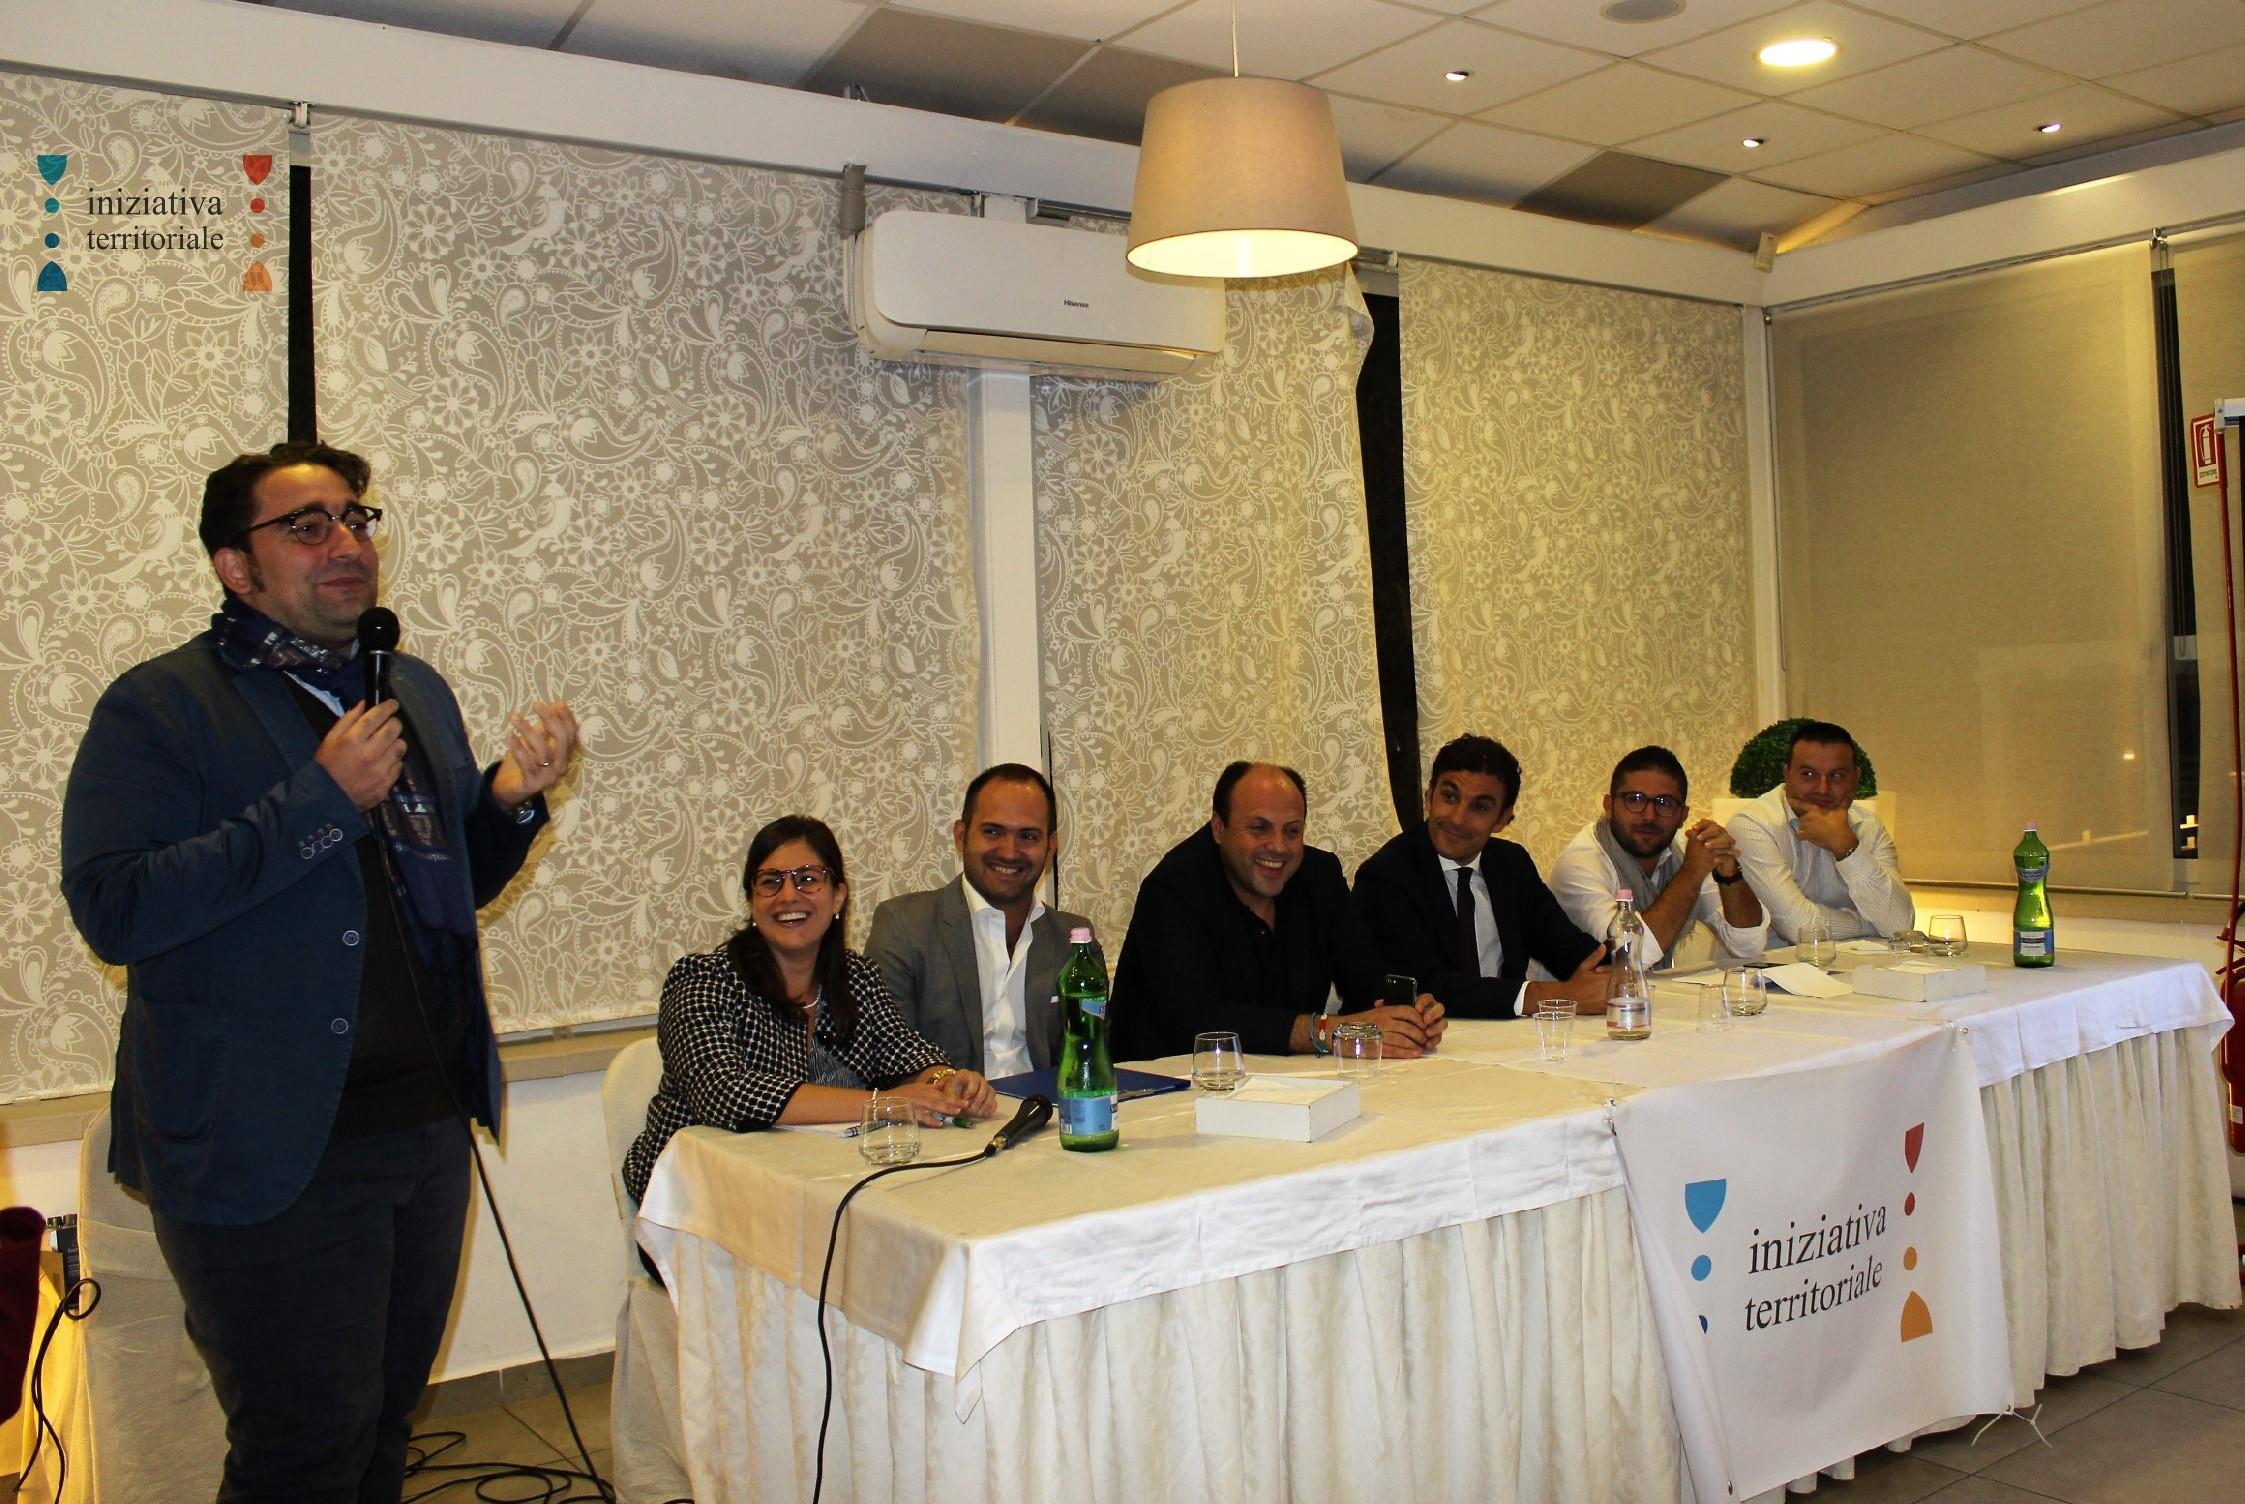 Iniziativa Territoriale inaugura il nuovo triennio